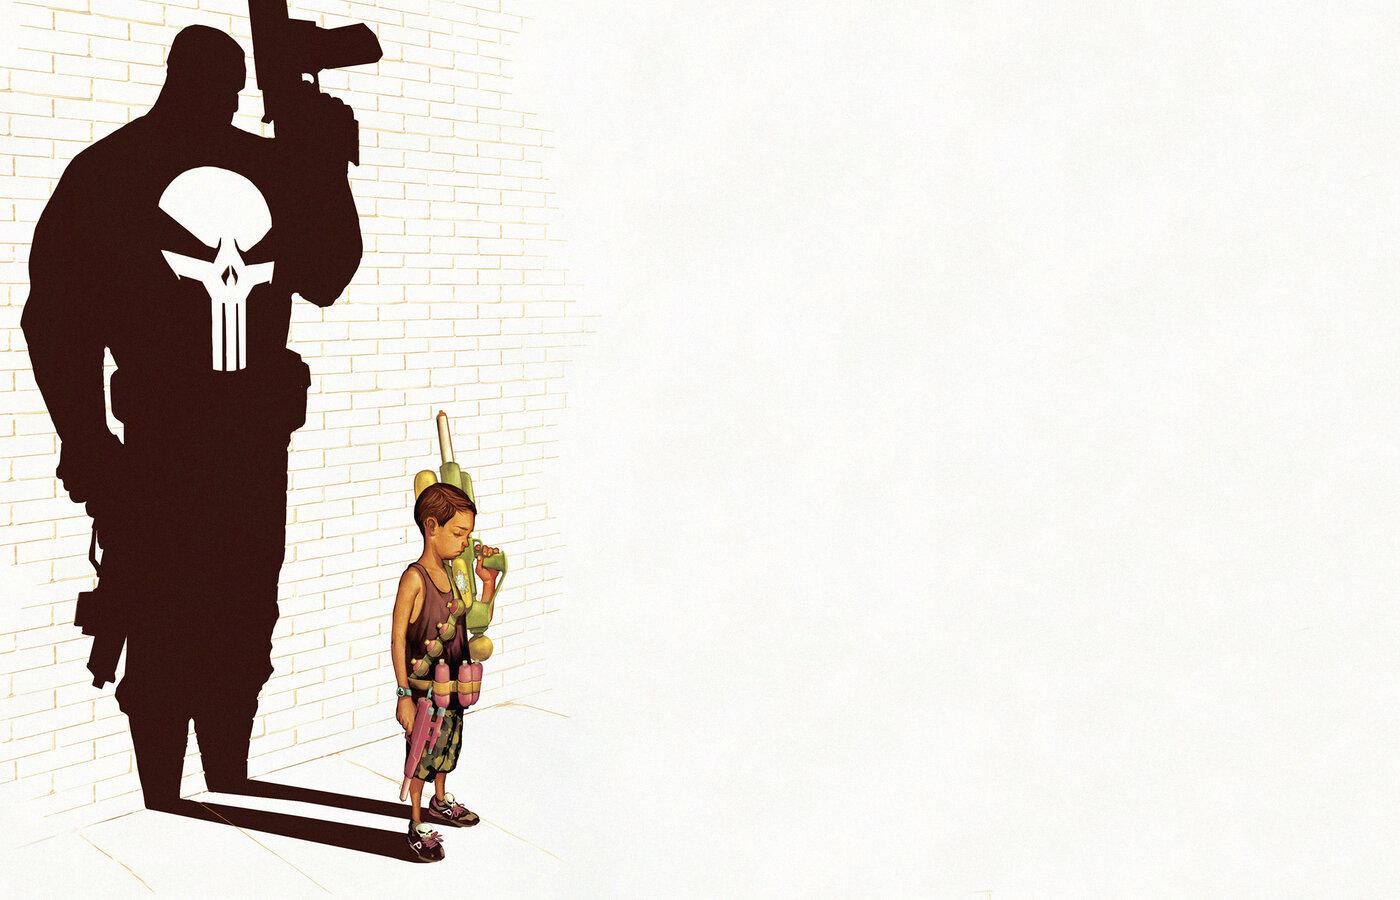 punisher-little-kid-art-90.jpg